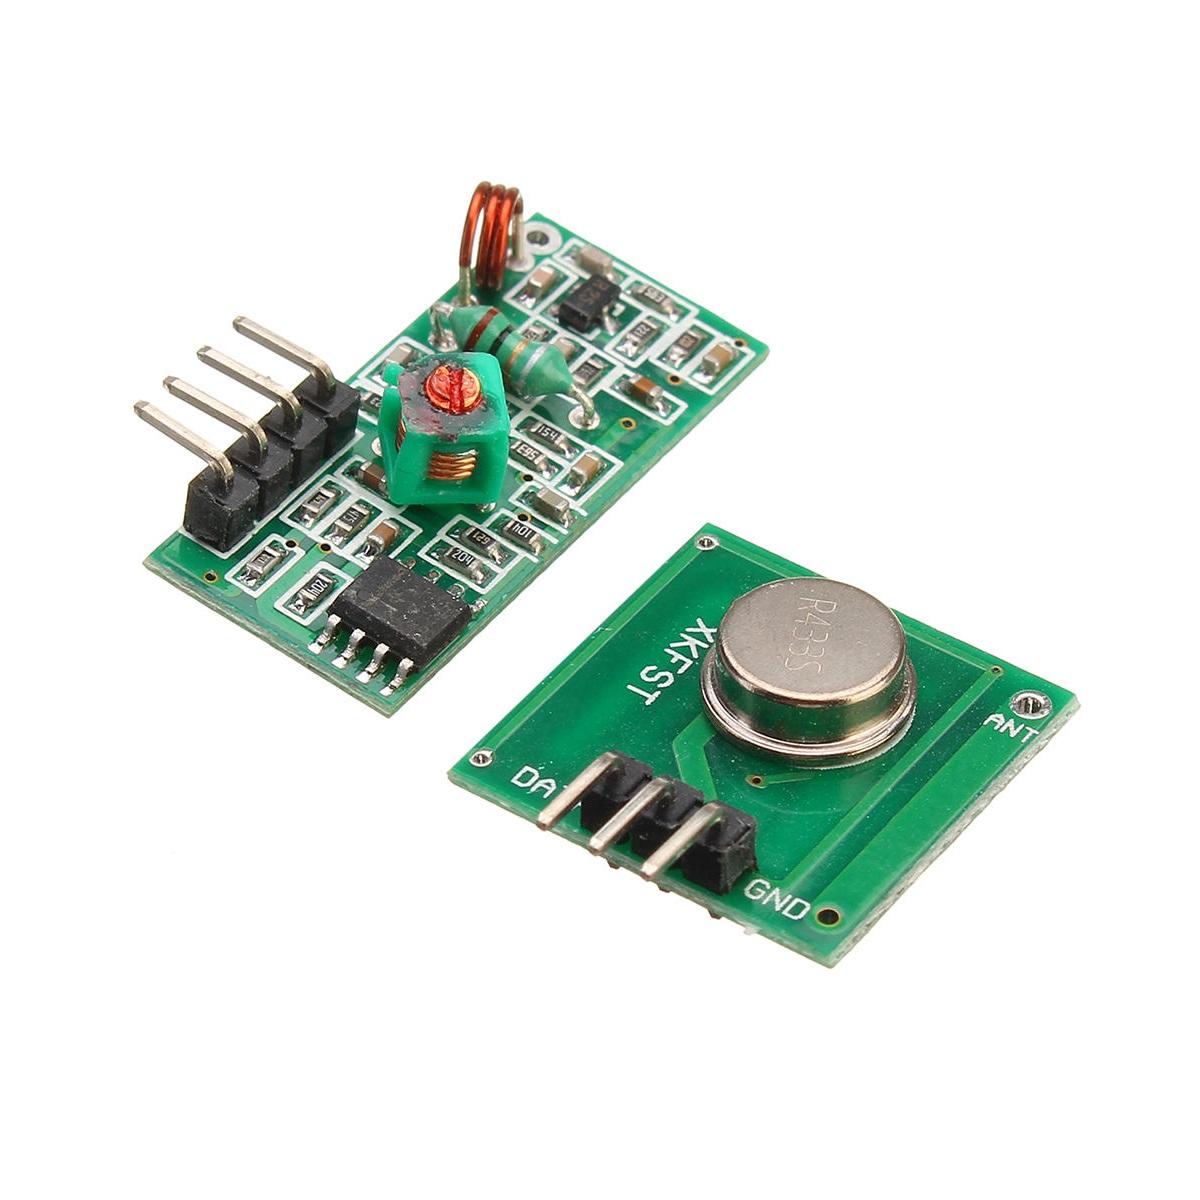 FS1000A 433mHz Tx & Rx RF Radio Module- ROBU.IN